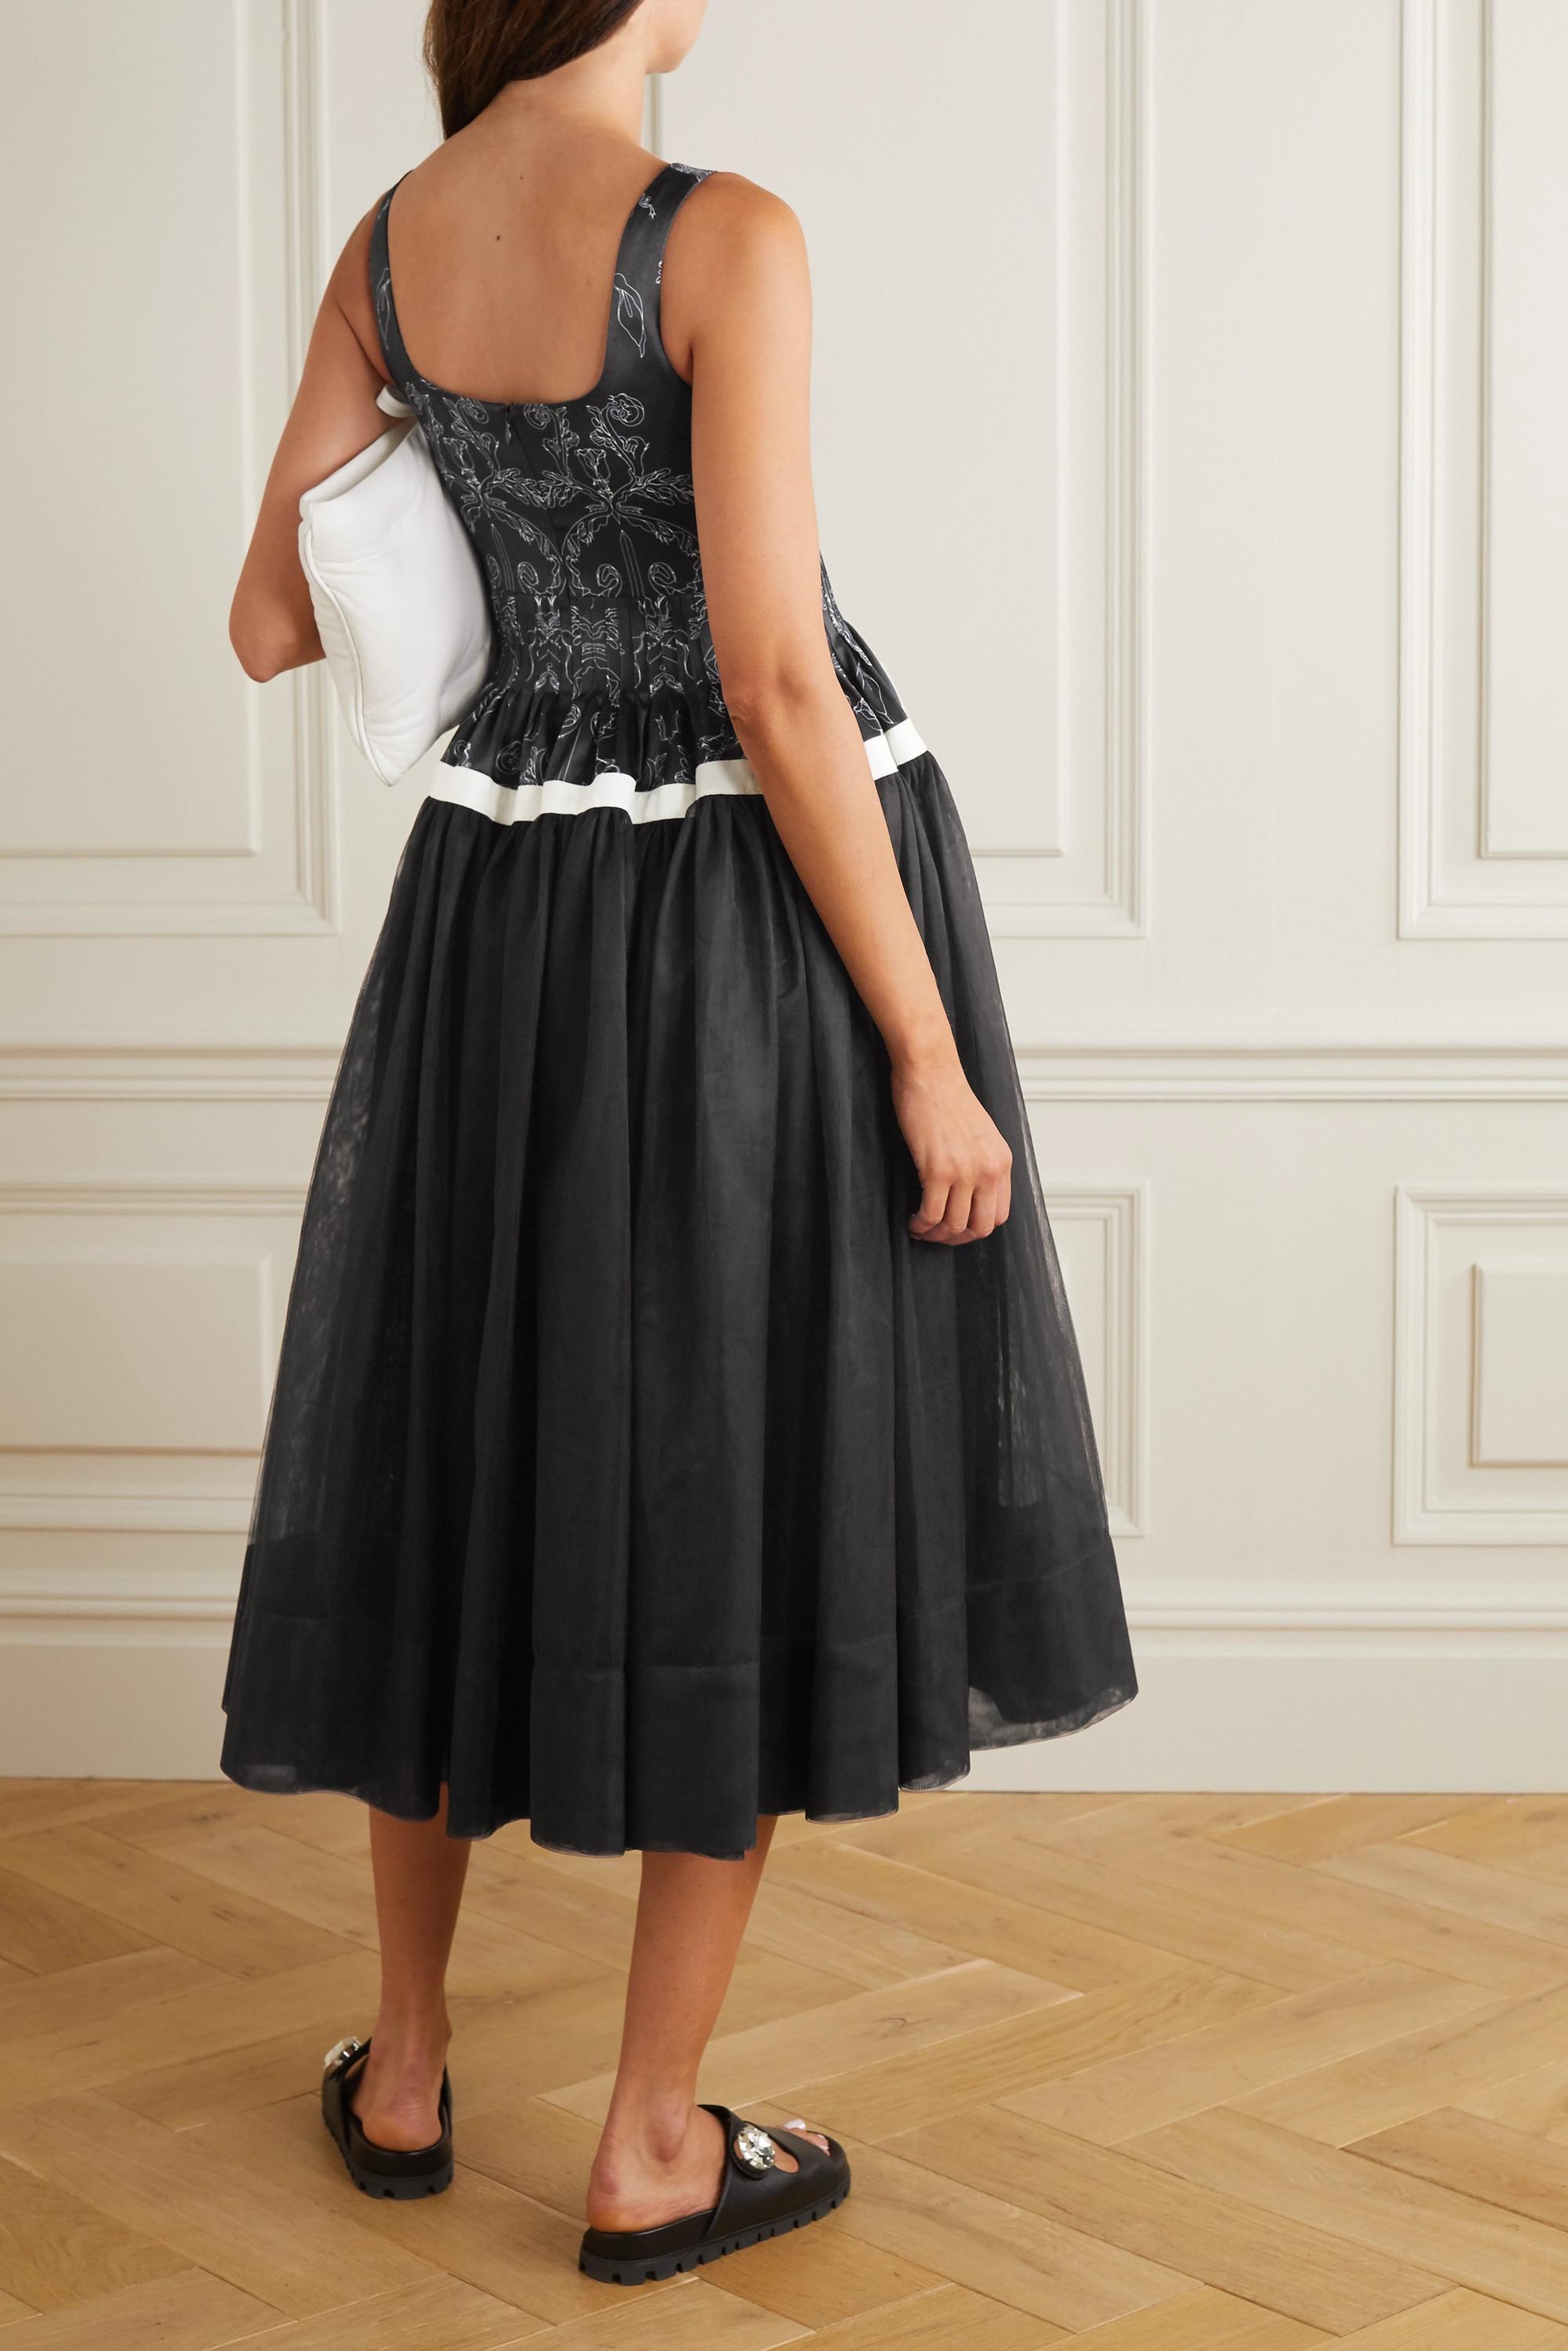 MINJUKIM Paneled printed satin and chiffon midi dress